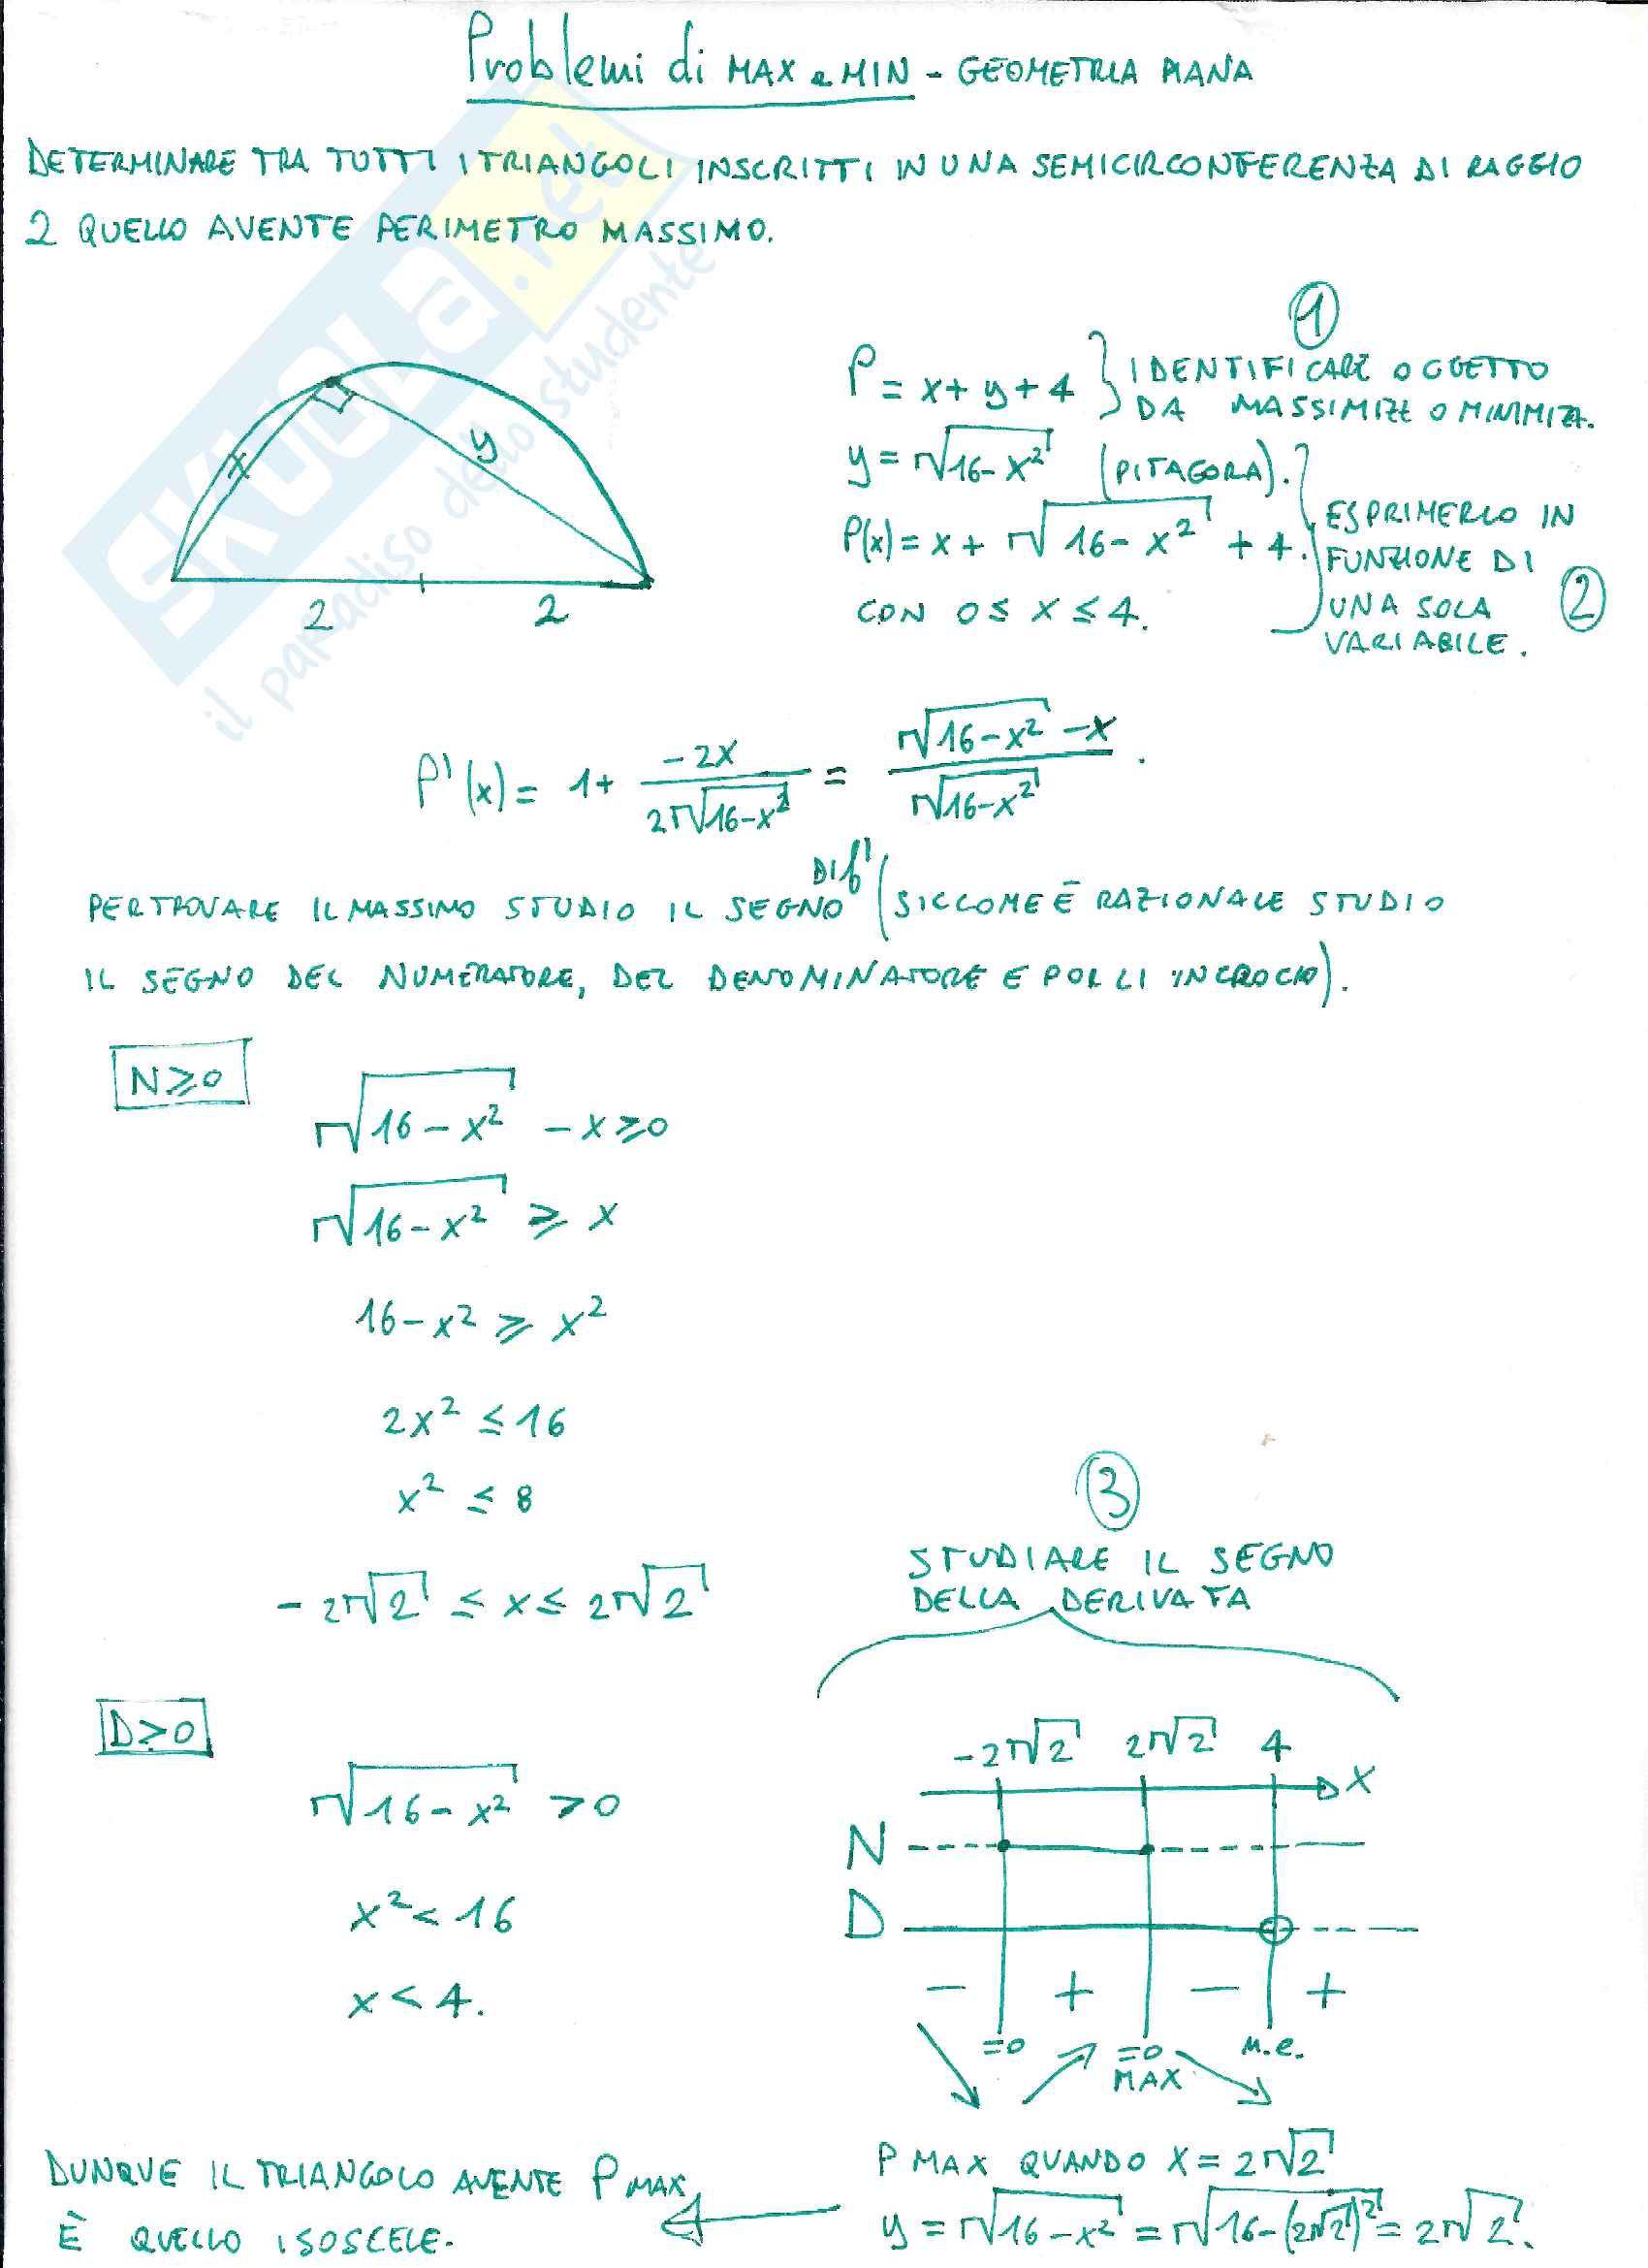 Problemi di massimo e minimo - Geometria analitica e piana